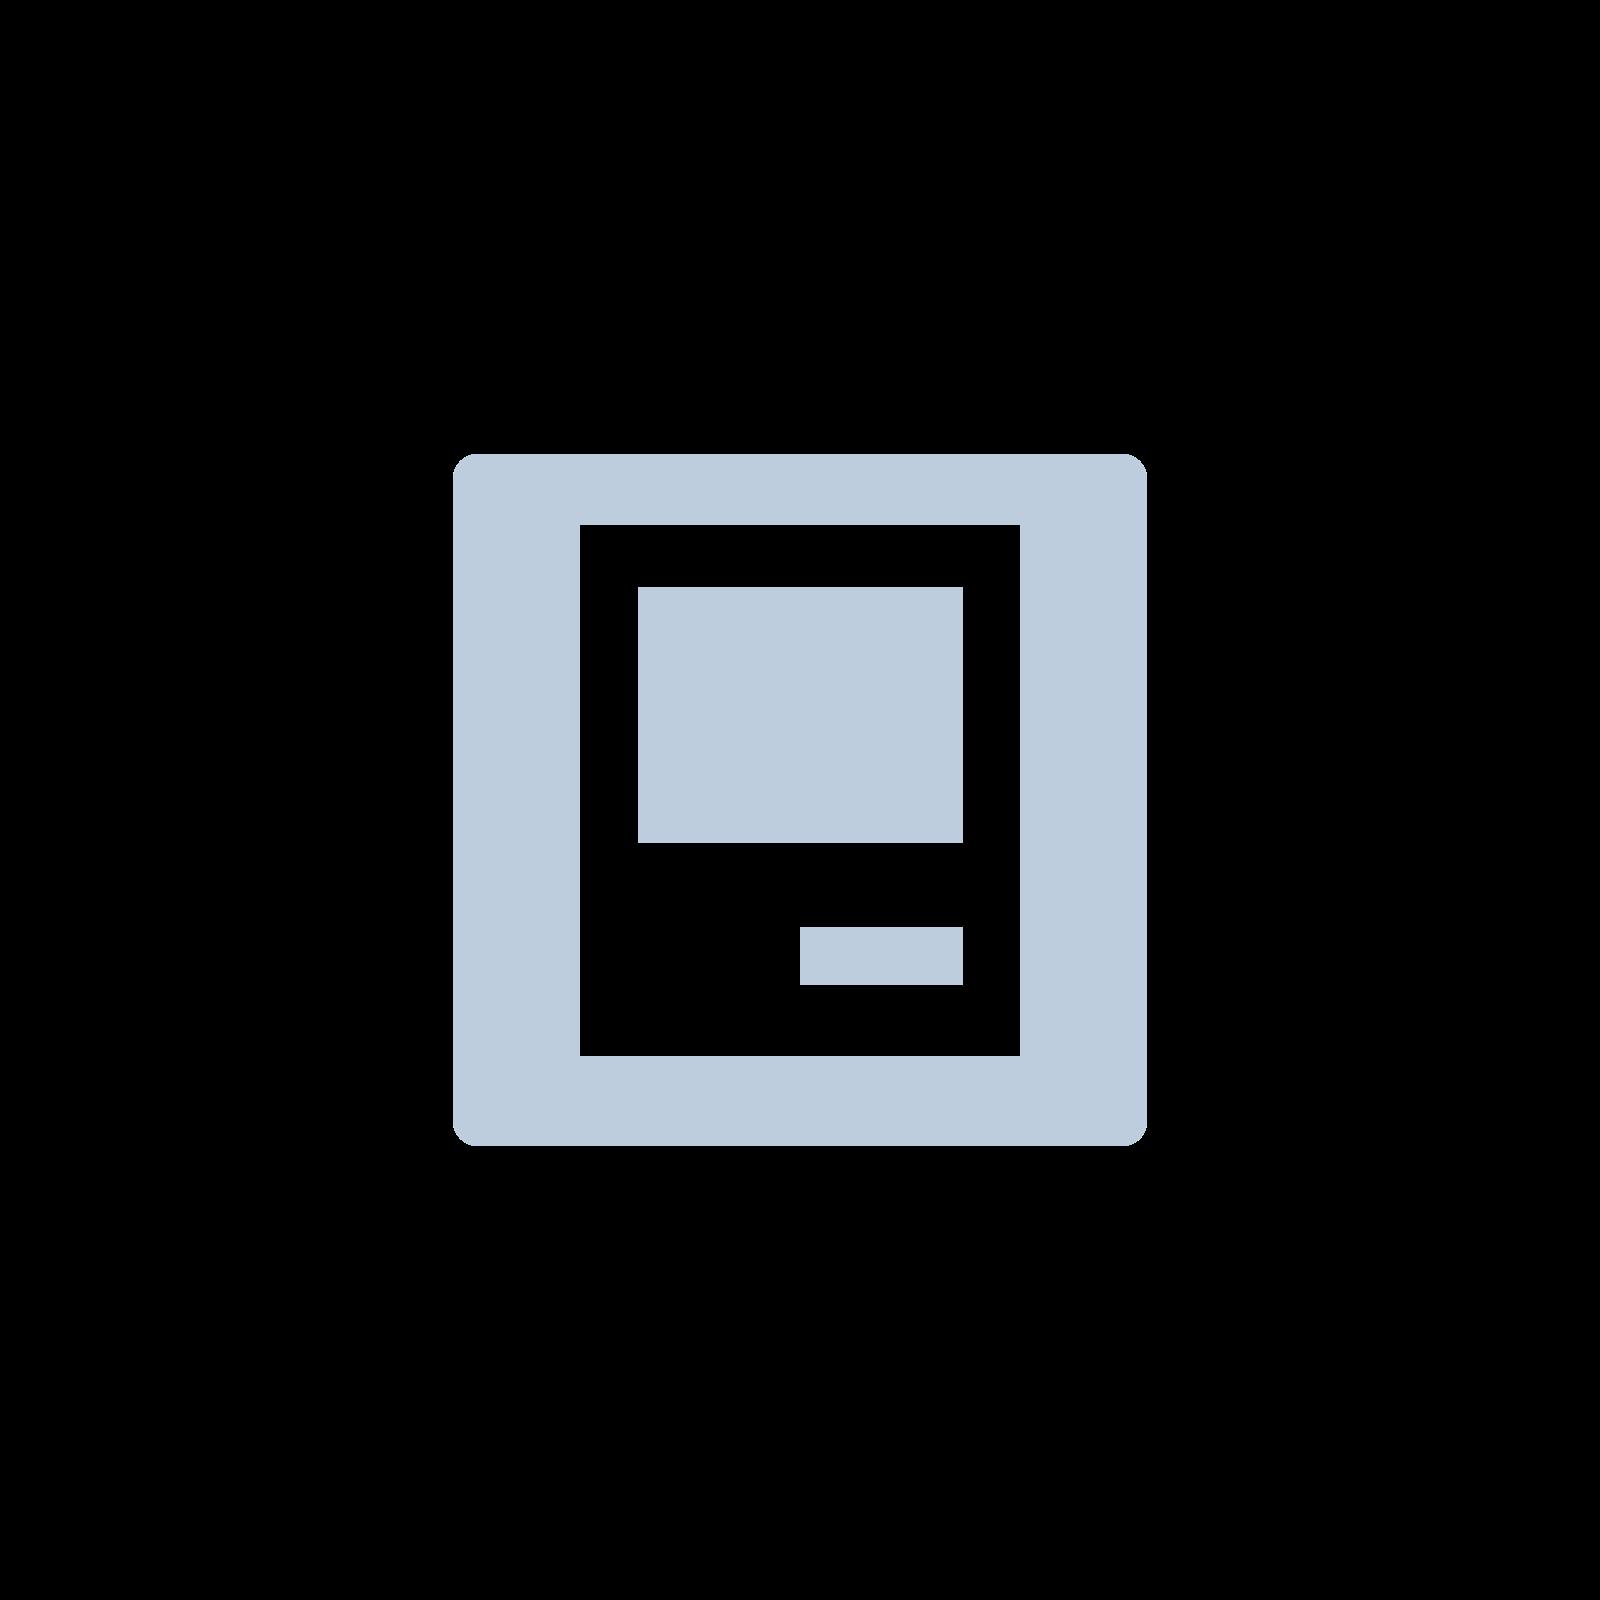 Mac mini Core i5 2.5 GHz (Macmini6,1, 500GB HDD, 4GB)